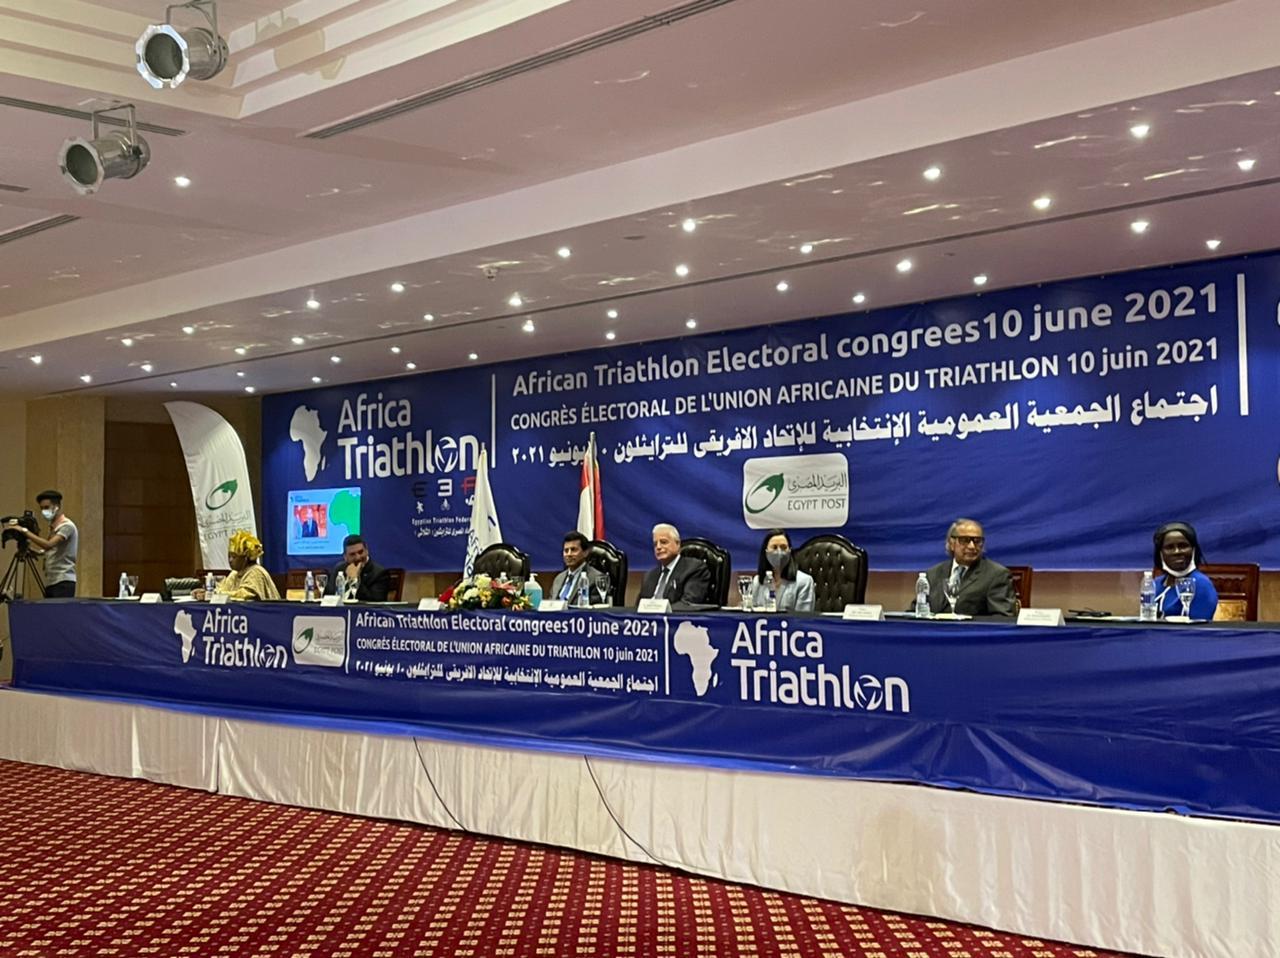 *وزير الرياضة يشهد الجمعية العمومية للاتحاد الإفريقي للتراثيلون بشرم الشيخ*